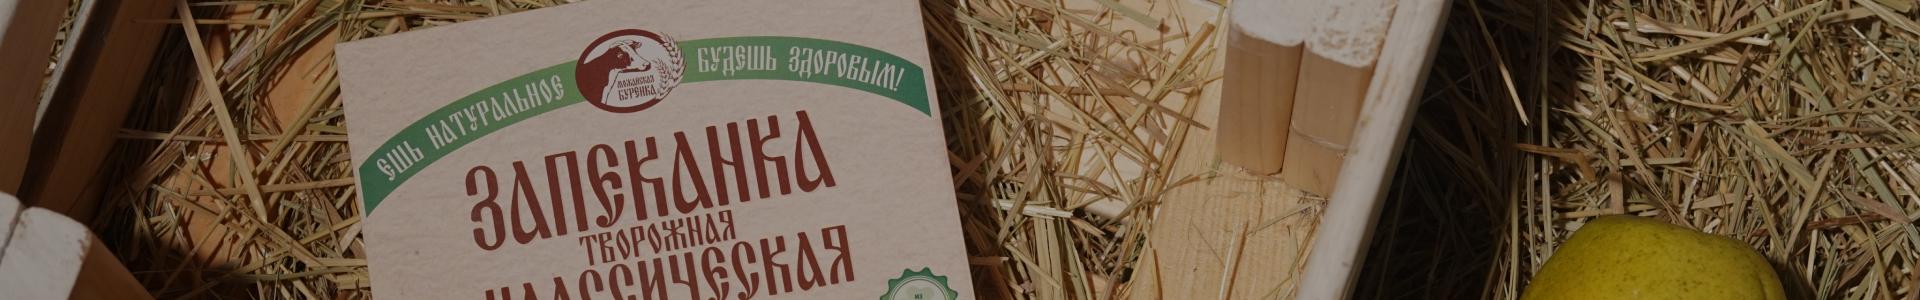 Можайская Буренка - Новости компании